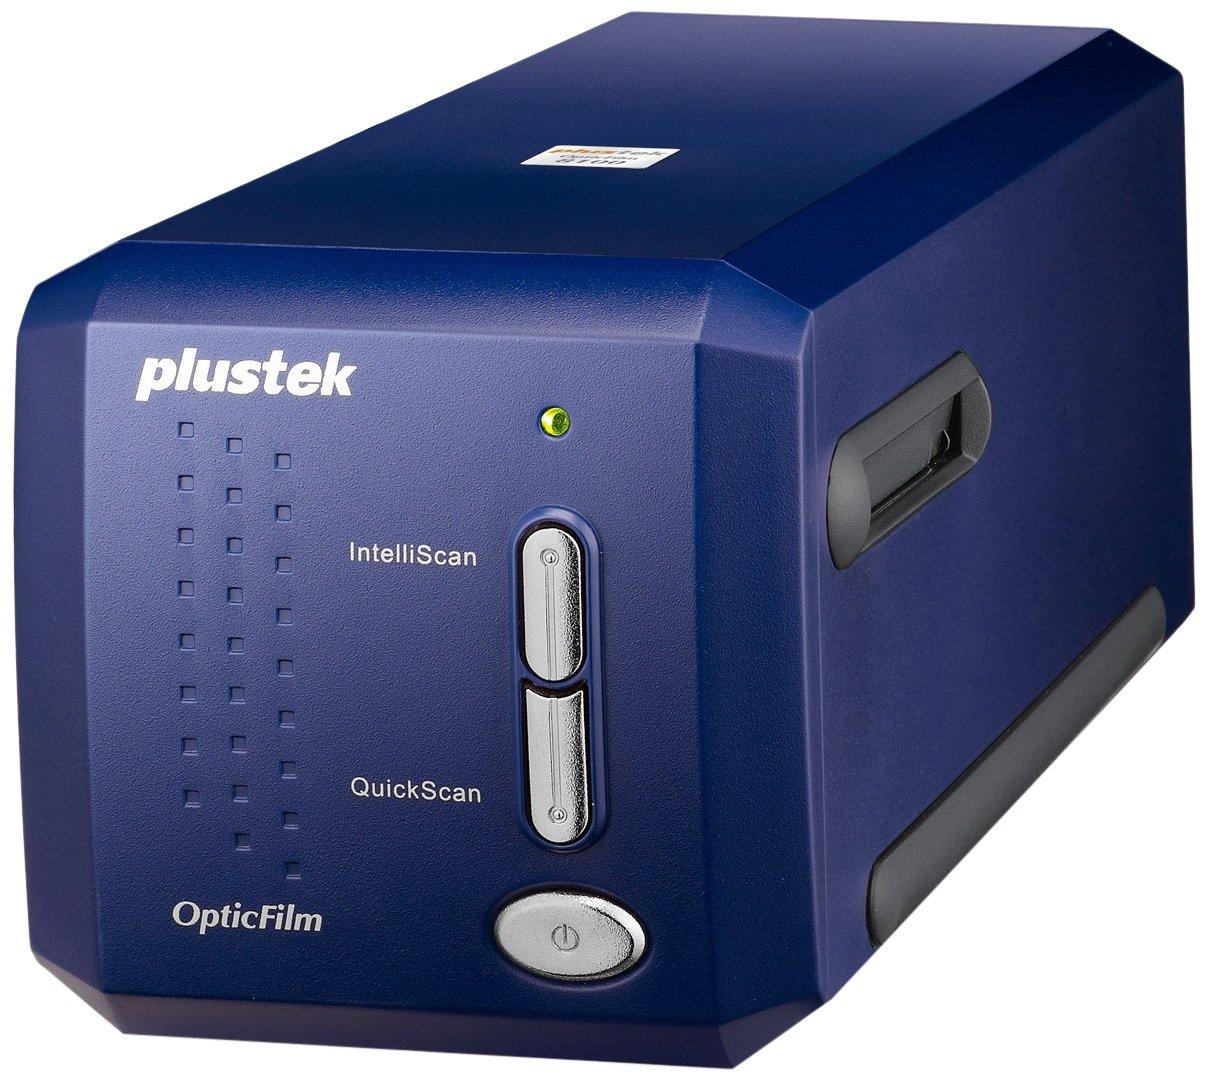 プラス テック Plustek OpticFilm 8100 フィルムスキャナー 365324